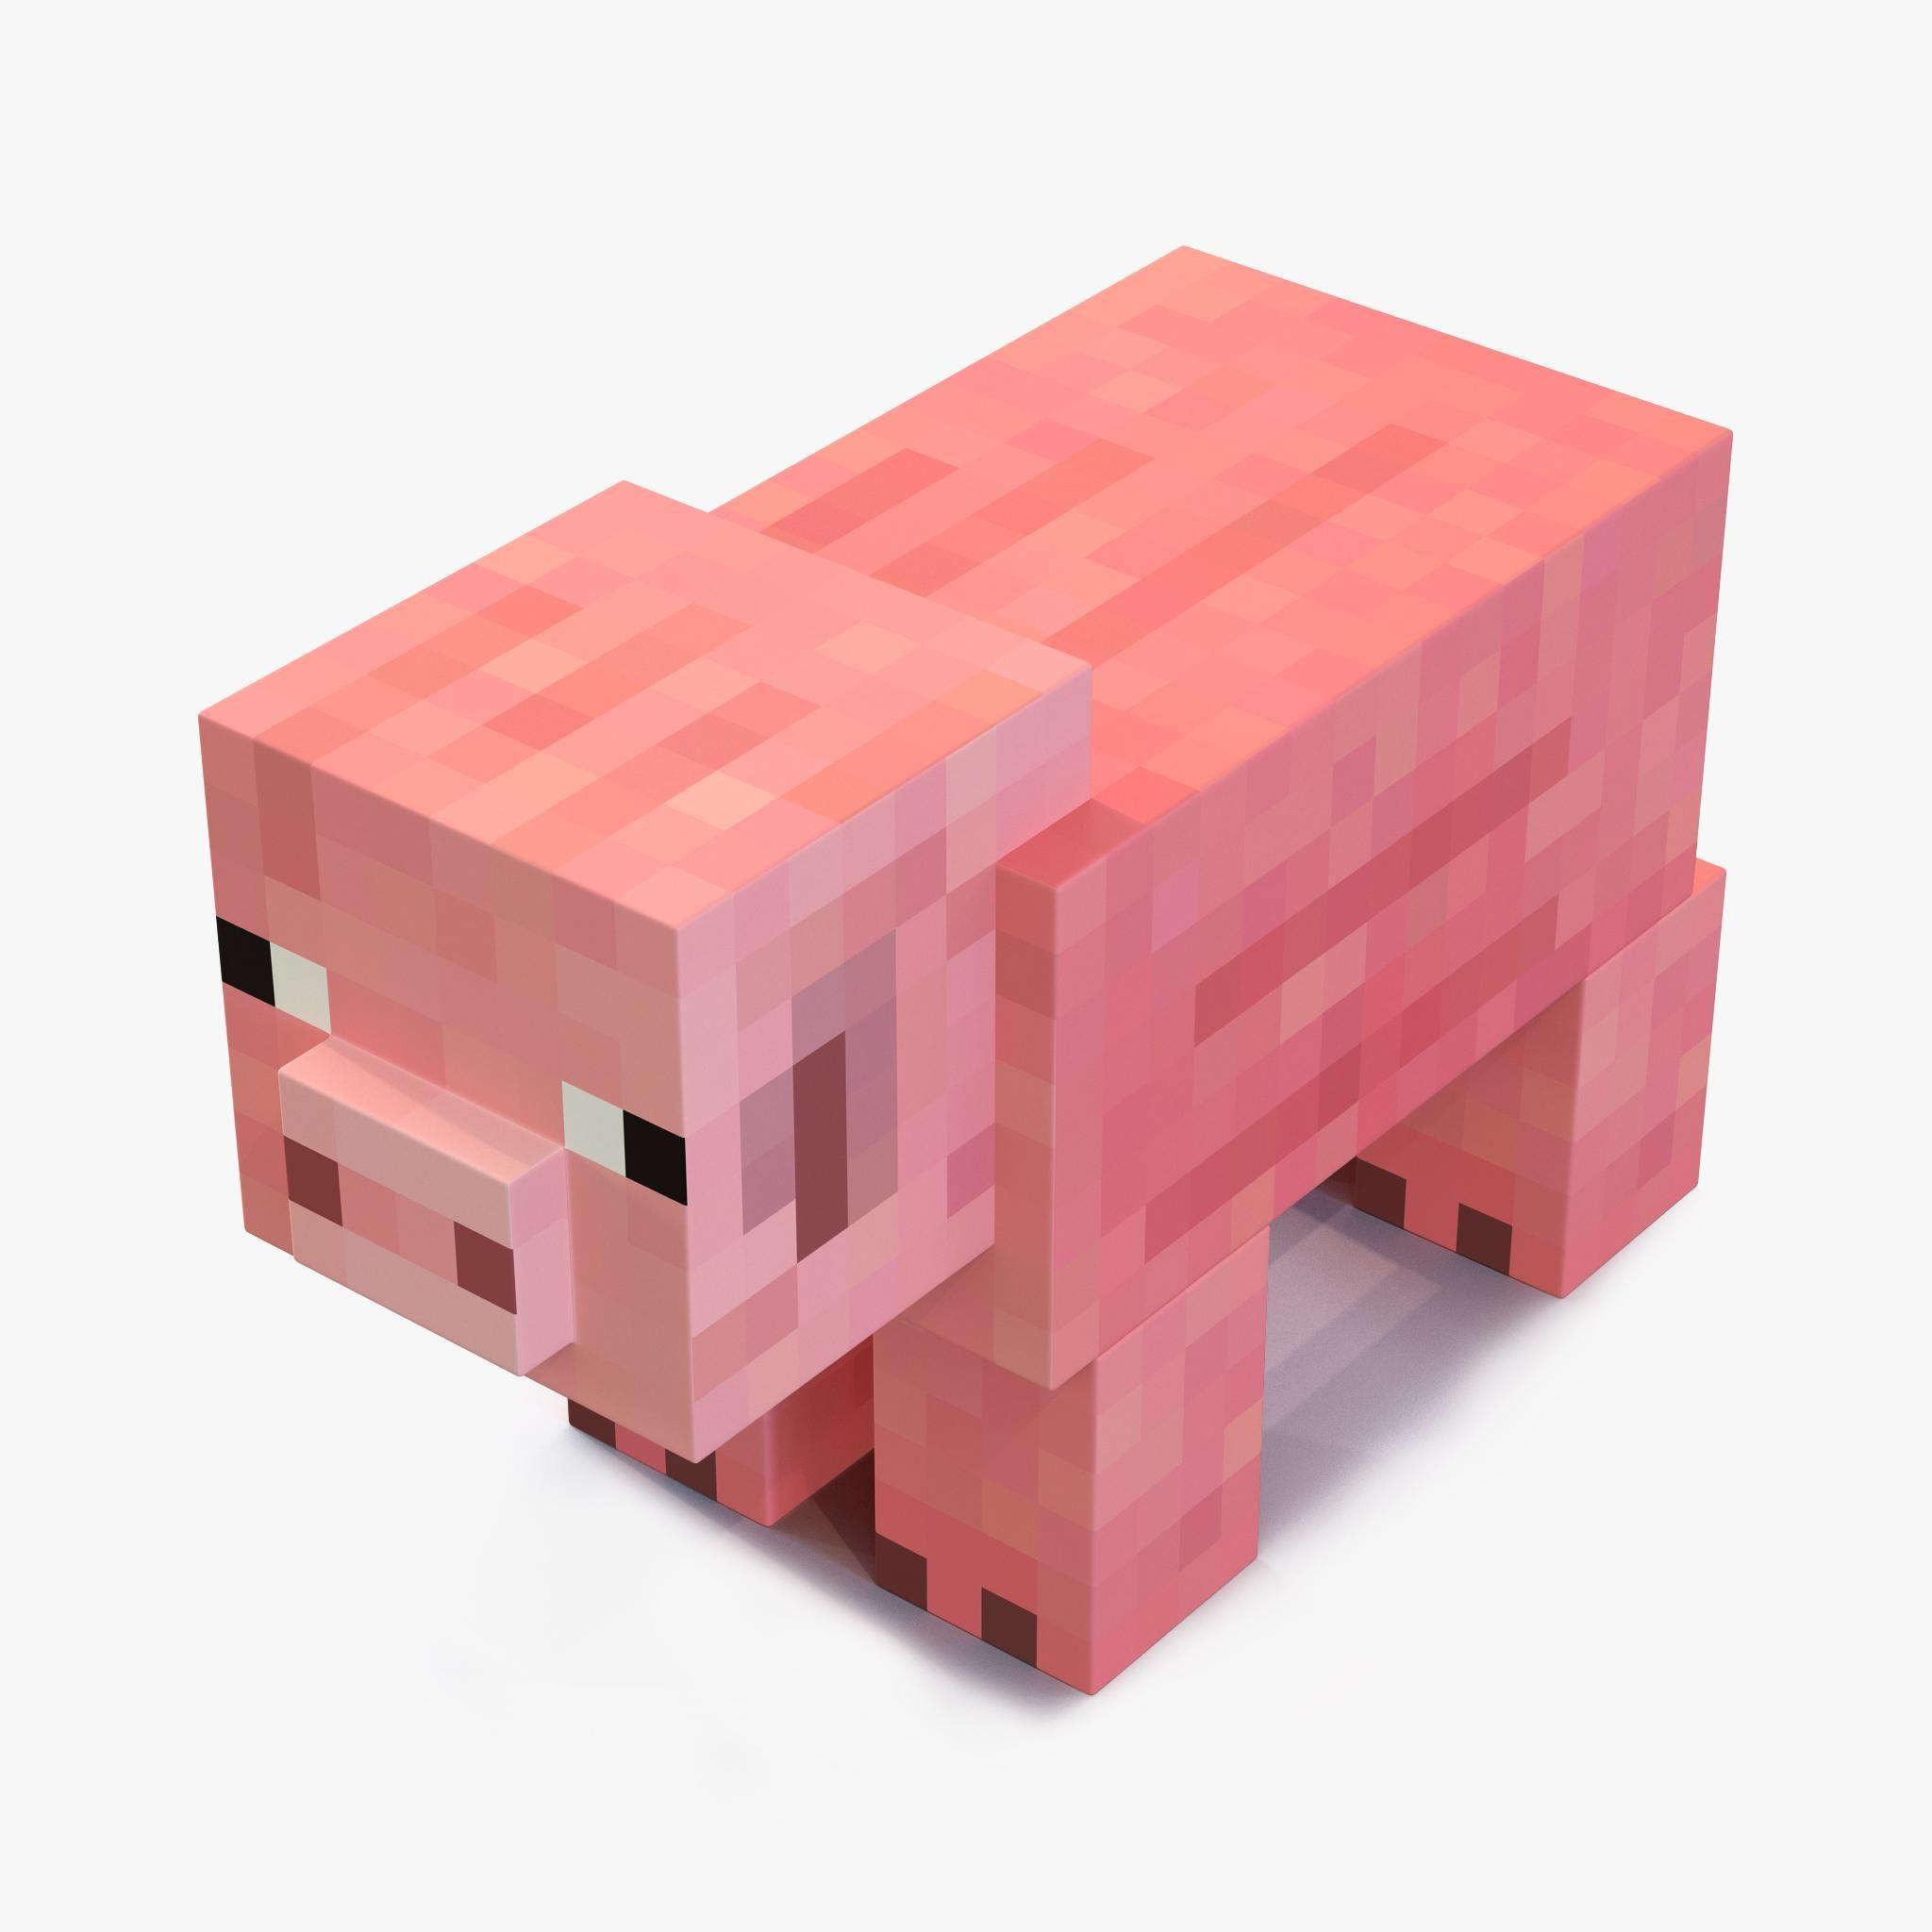 Minecraft Pig 3d Model Ad Minecraft Pig Model Minecraft Pig Minecraft Toys Minecraft